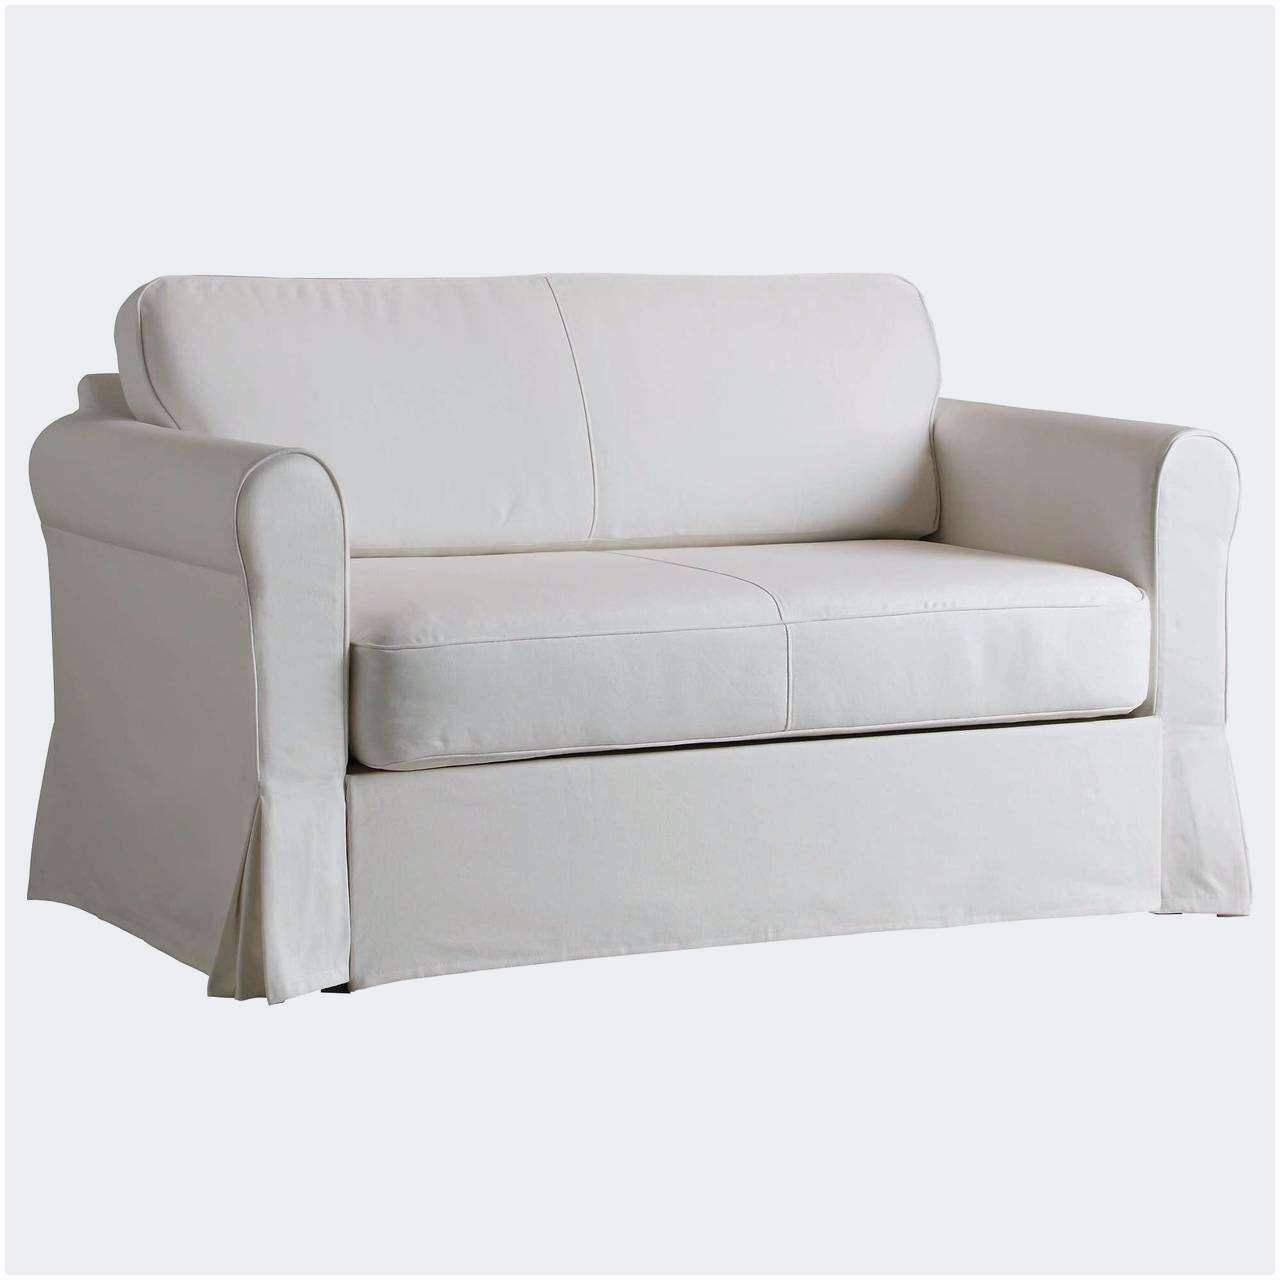 Ikea Canapé Lit Convertible De Luxe Inspiré 48 Superbes Canapé D Angle Convertible Beige Pour